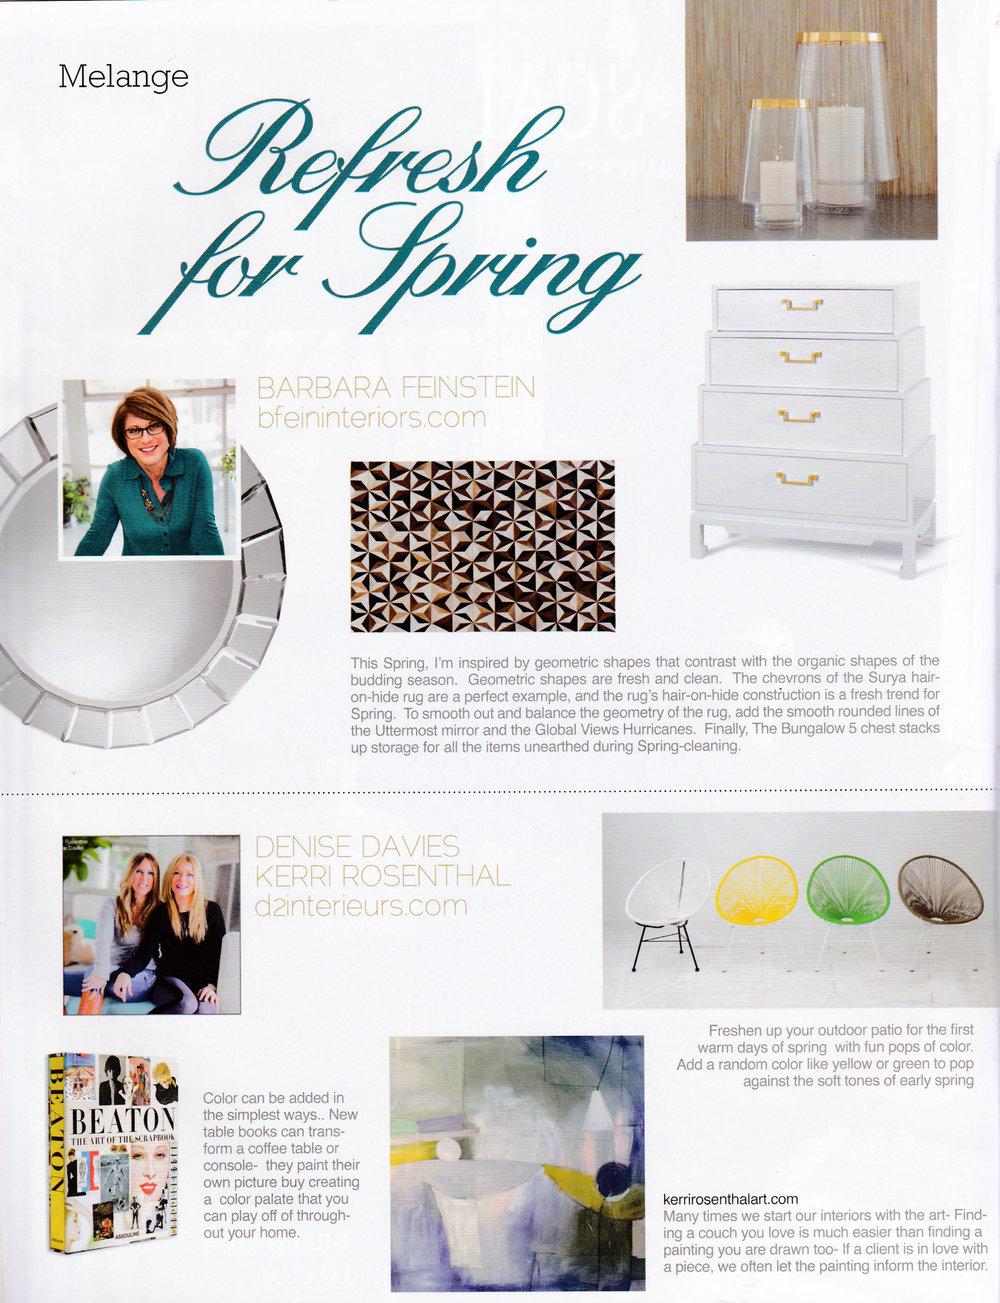 east-coast-home-design-melange-refresh-spring-1.jpg